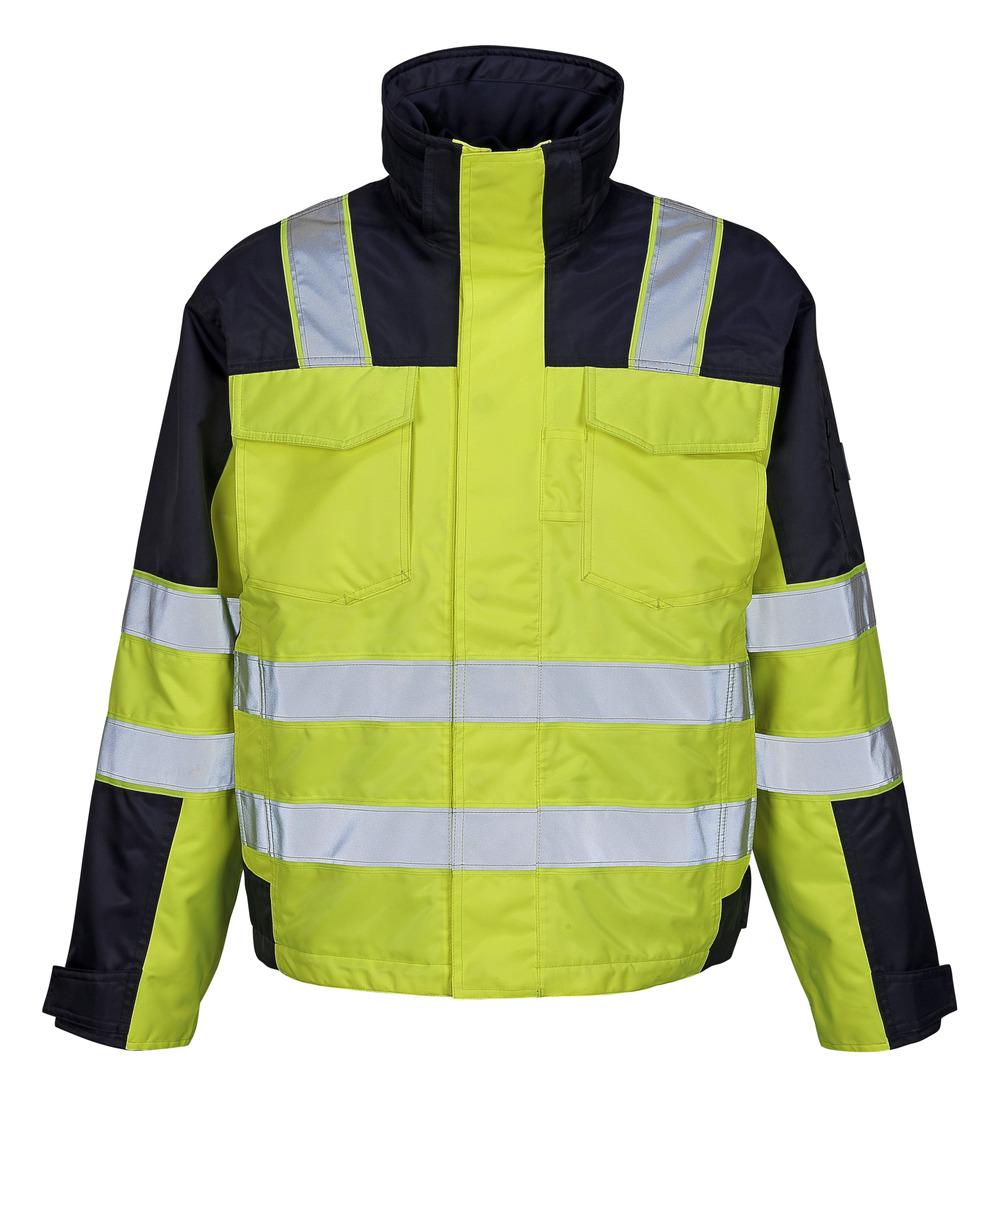 MASCOT Genova Vinterjakke - 05023-880 - MASCOT® SAFE IMAGE